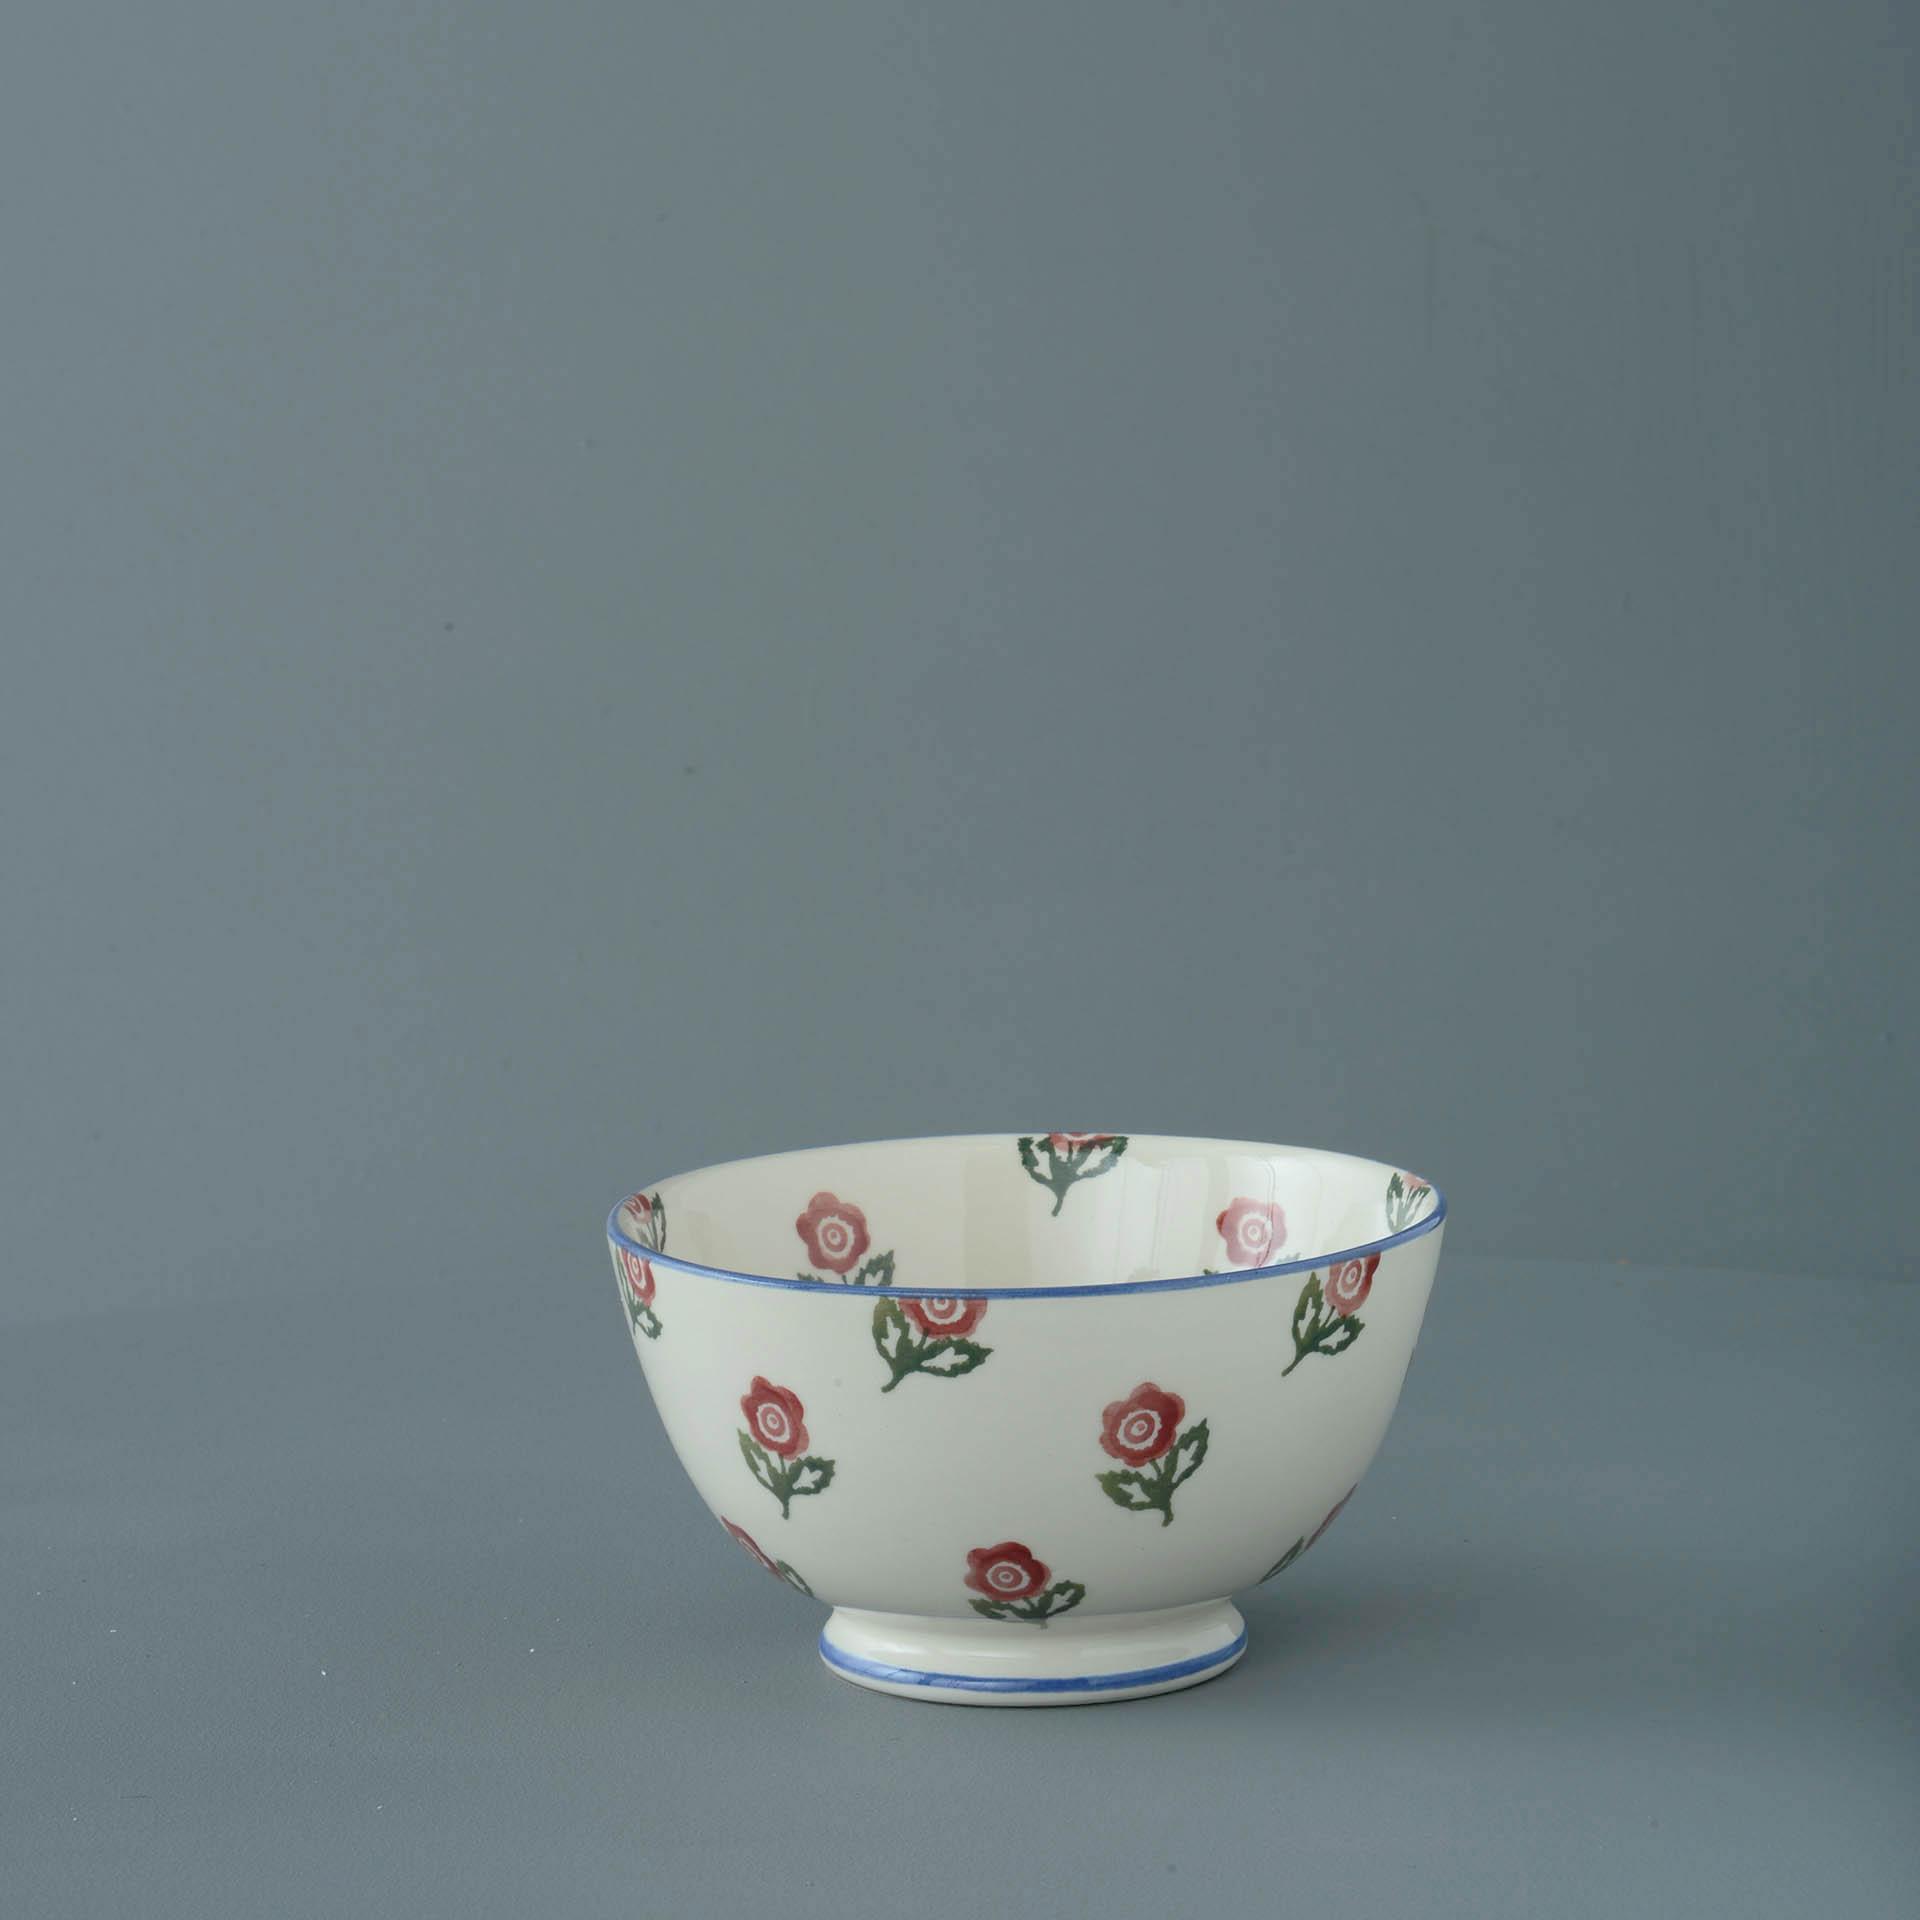 Scattered Rose Cereal Bowl 7 x 13cm